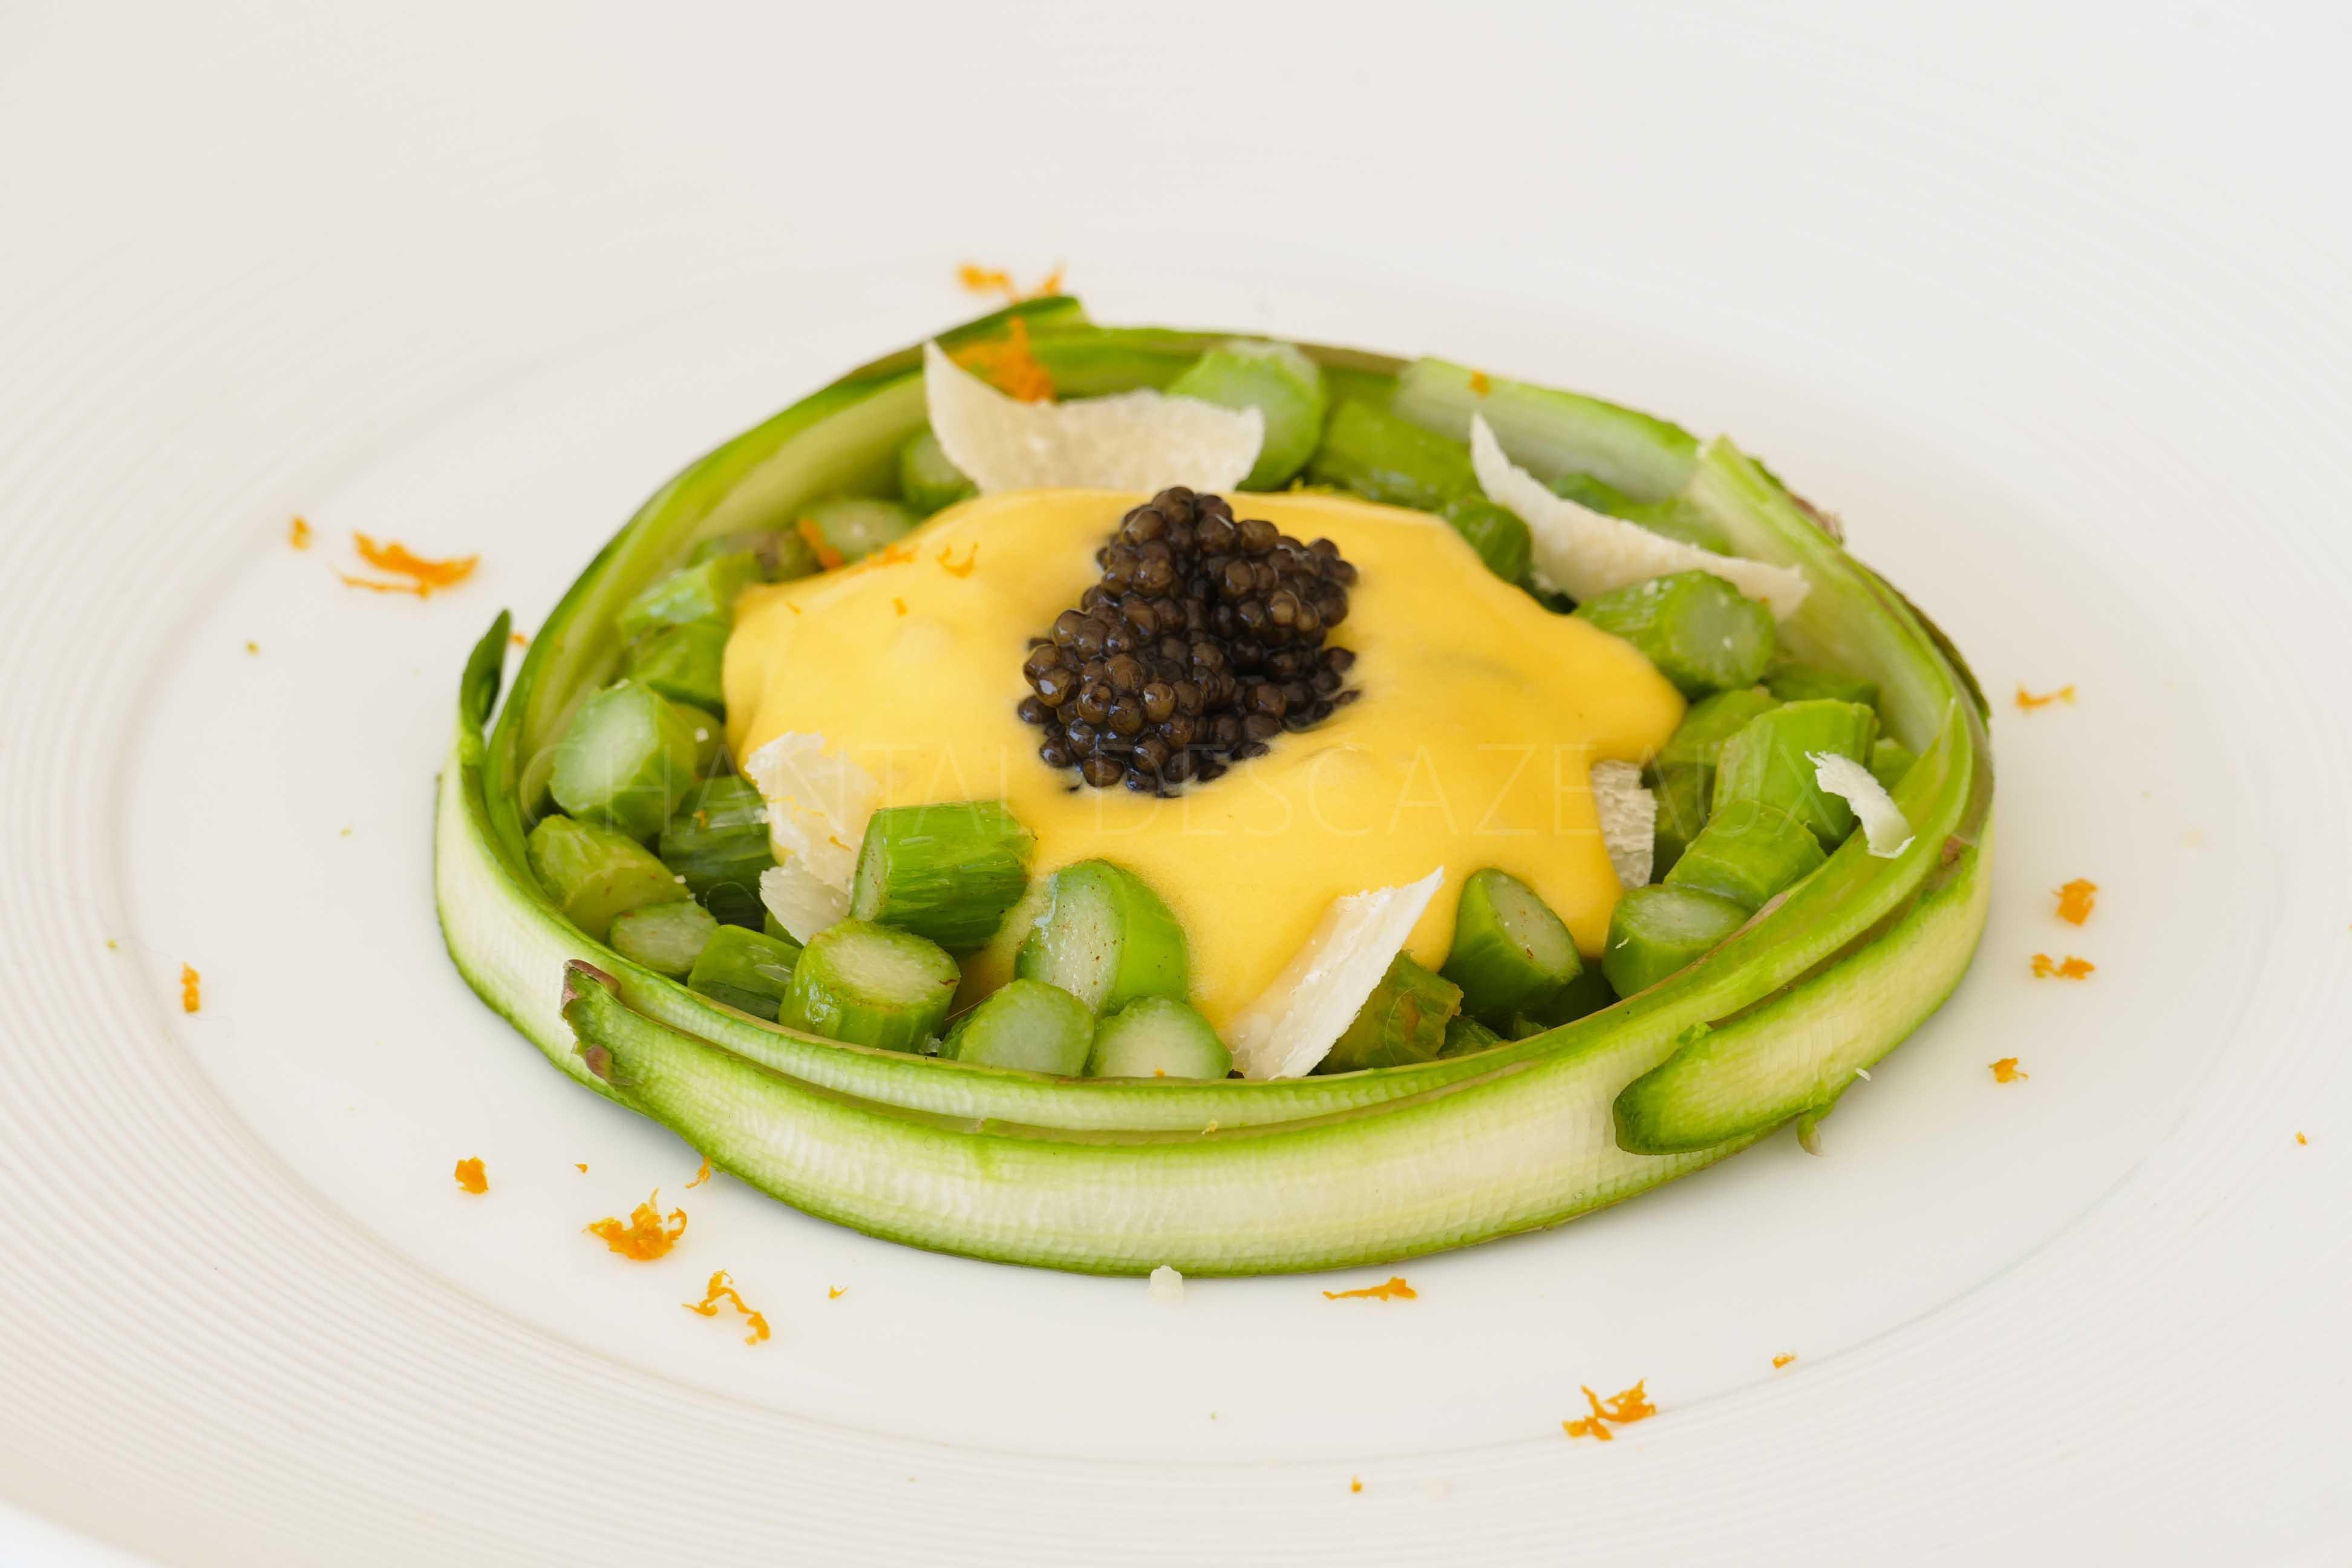 Asperges en chaud froid, sabayon à l'orange, Parmesan et caviar